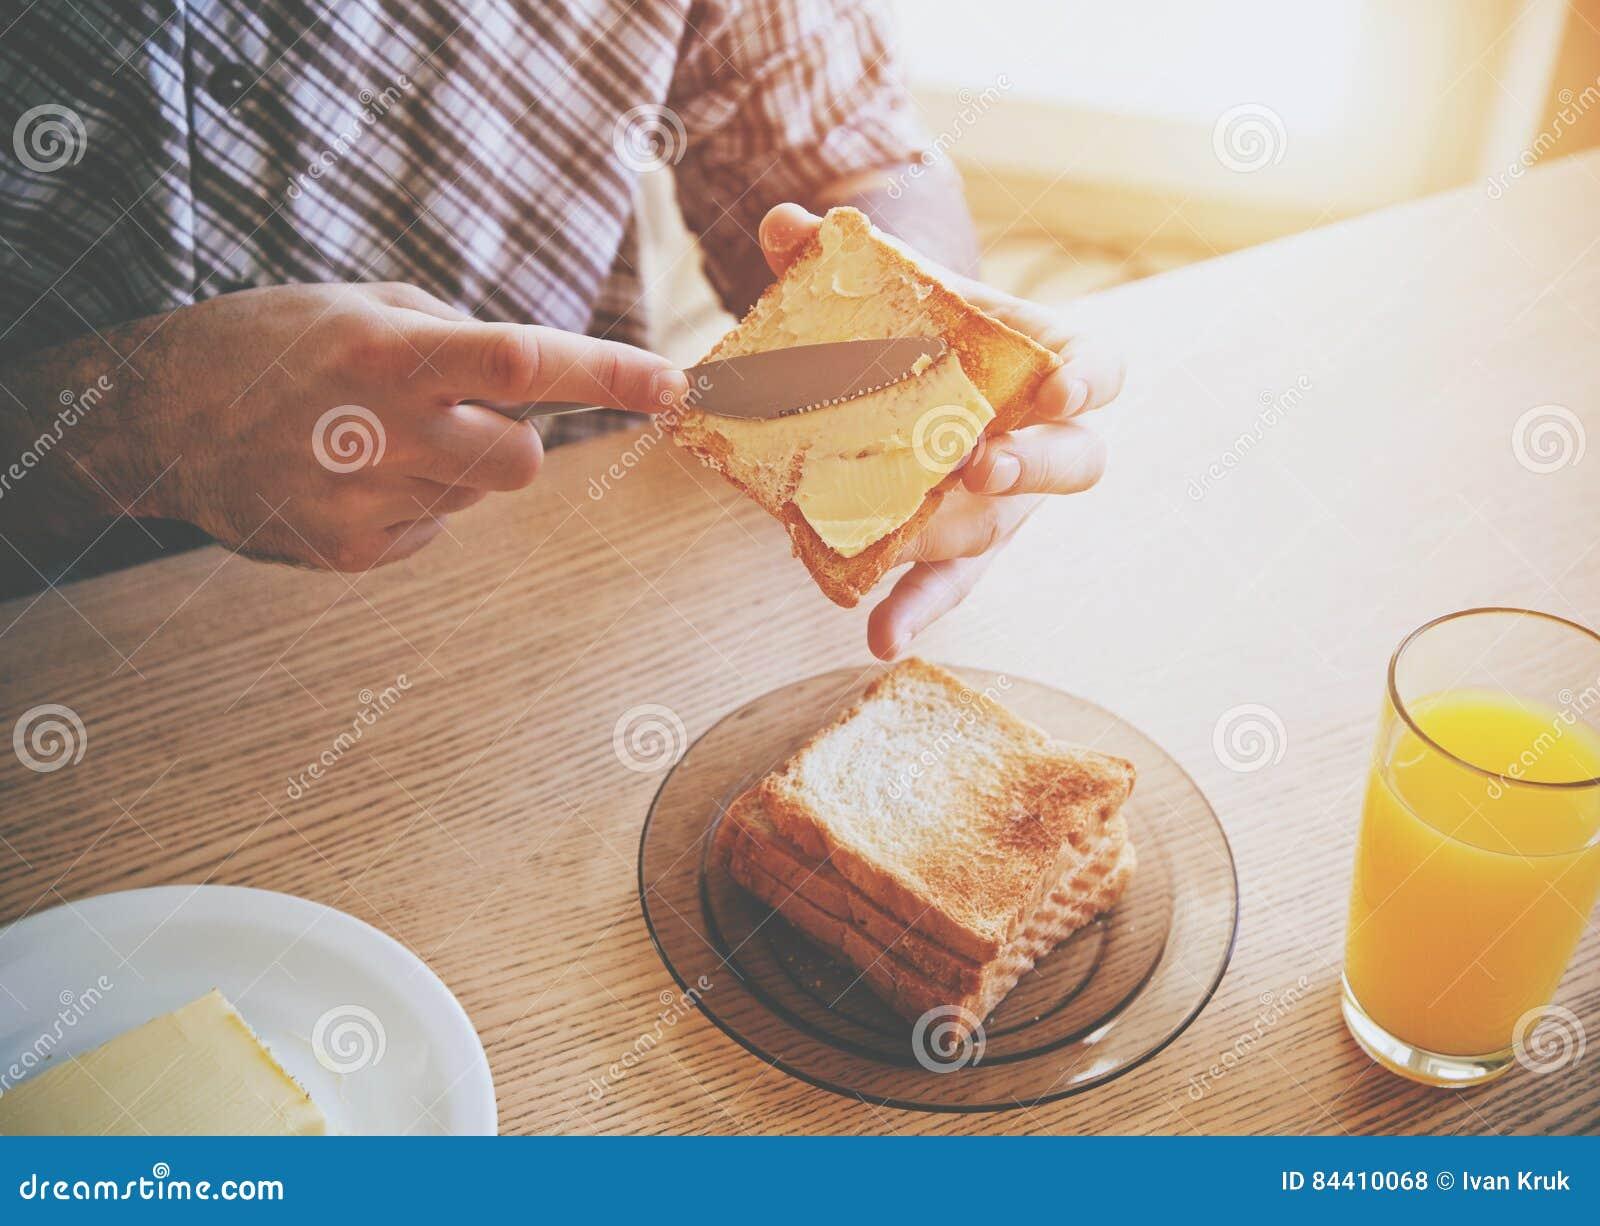 Mains répandant le beurre sur le pain grillé